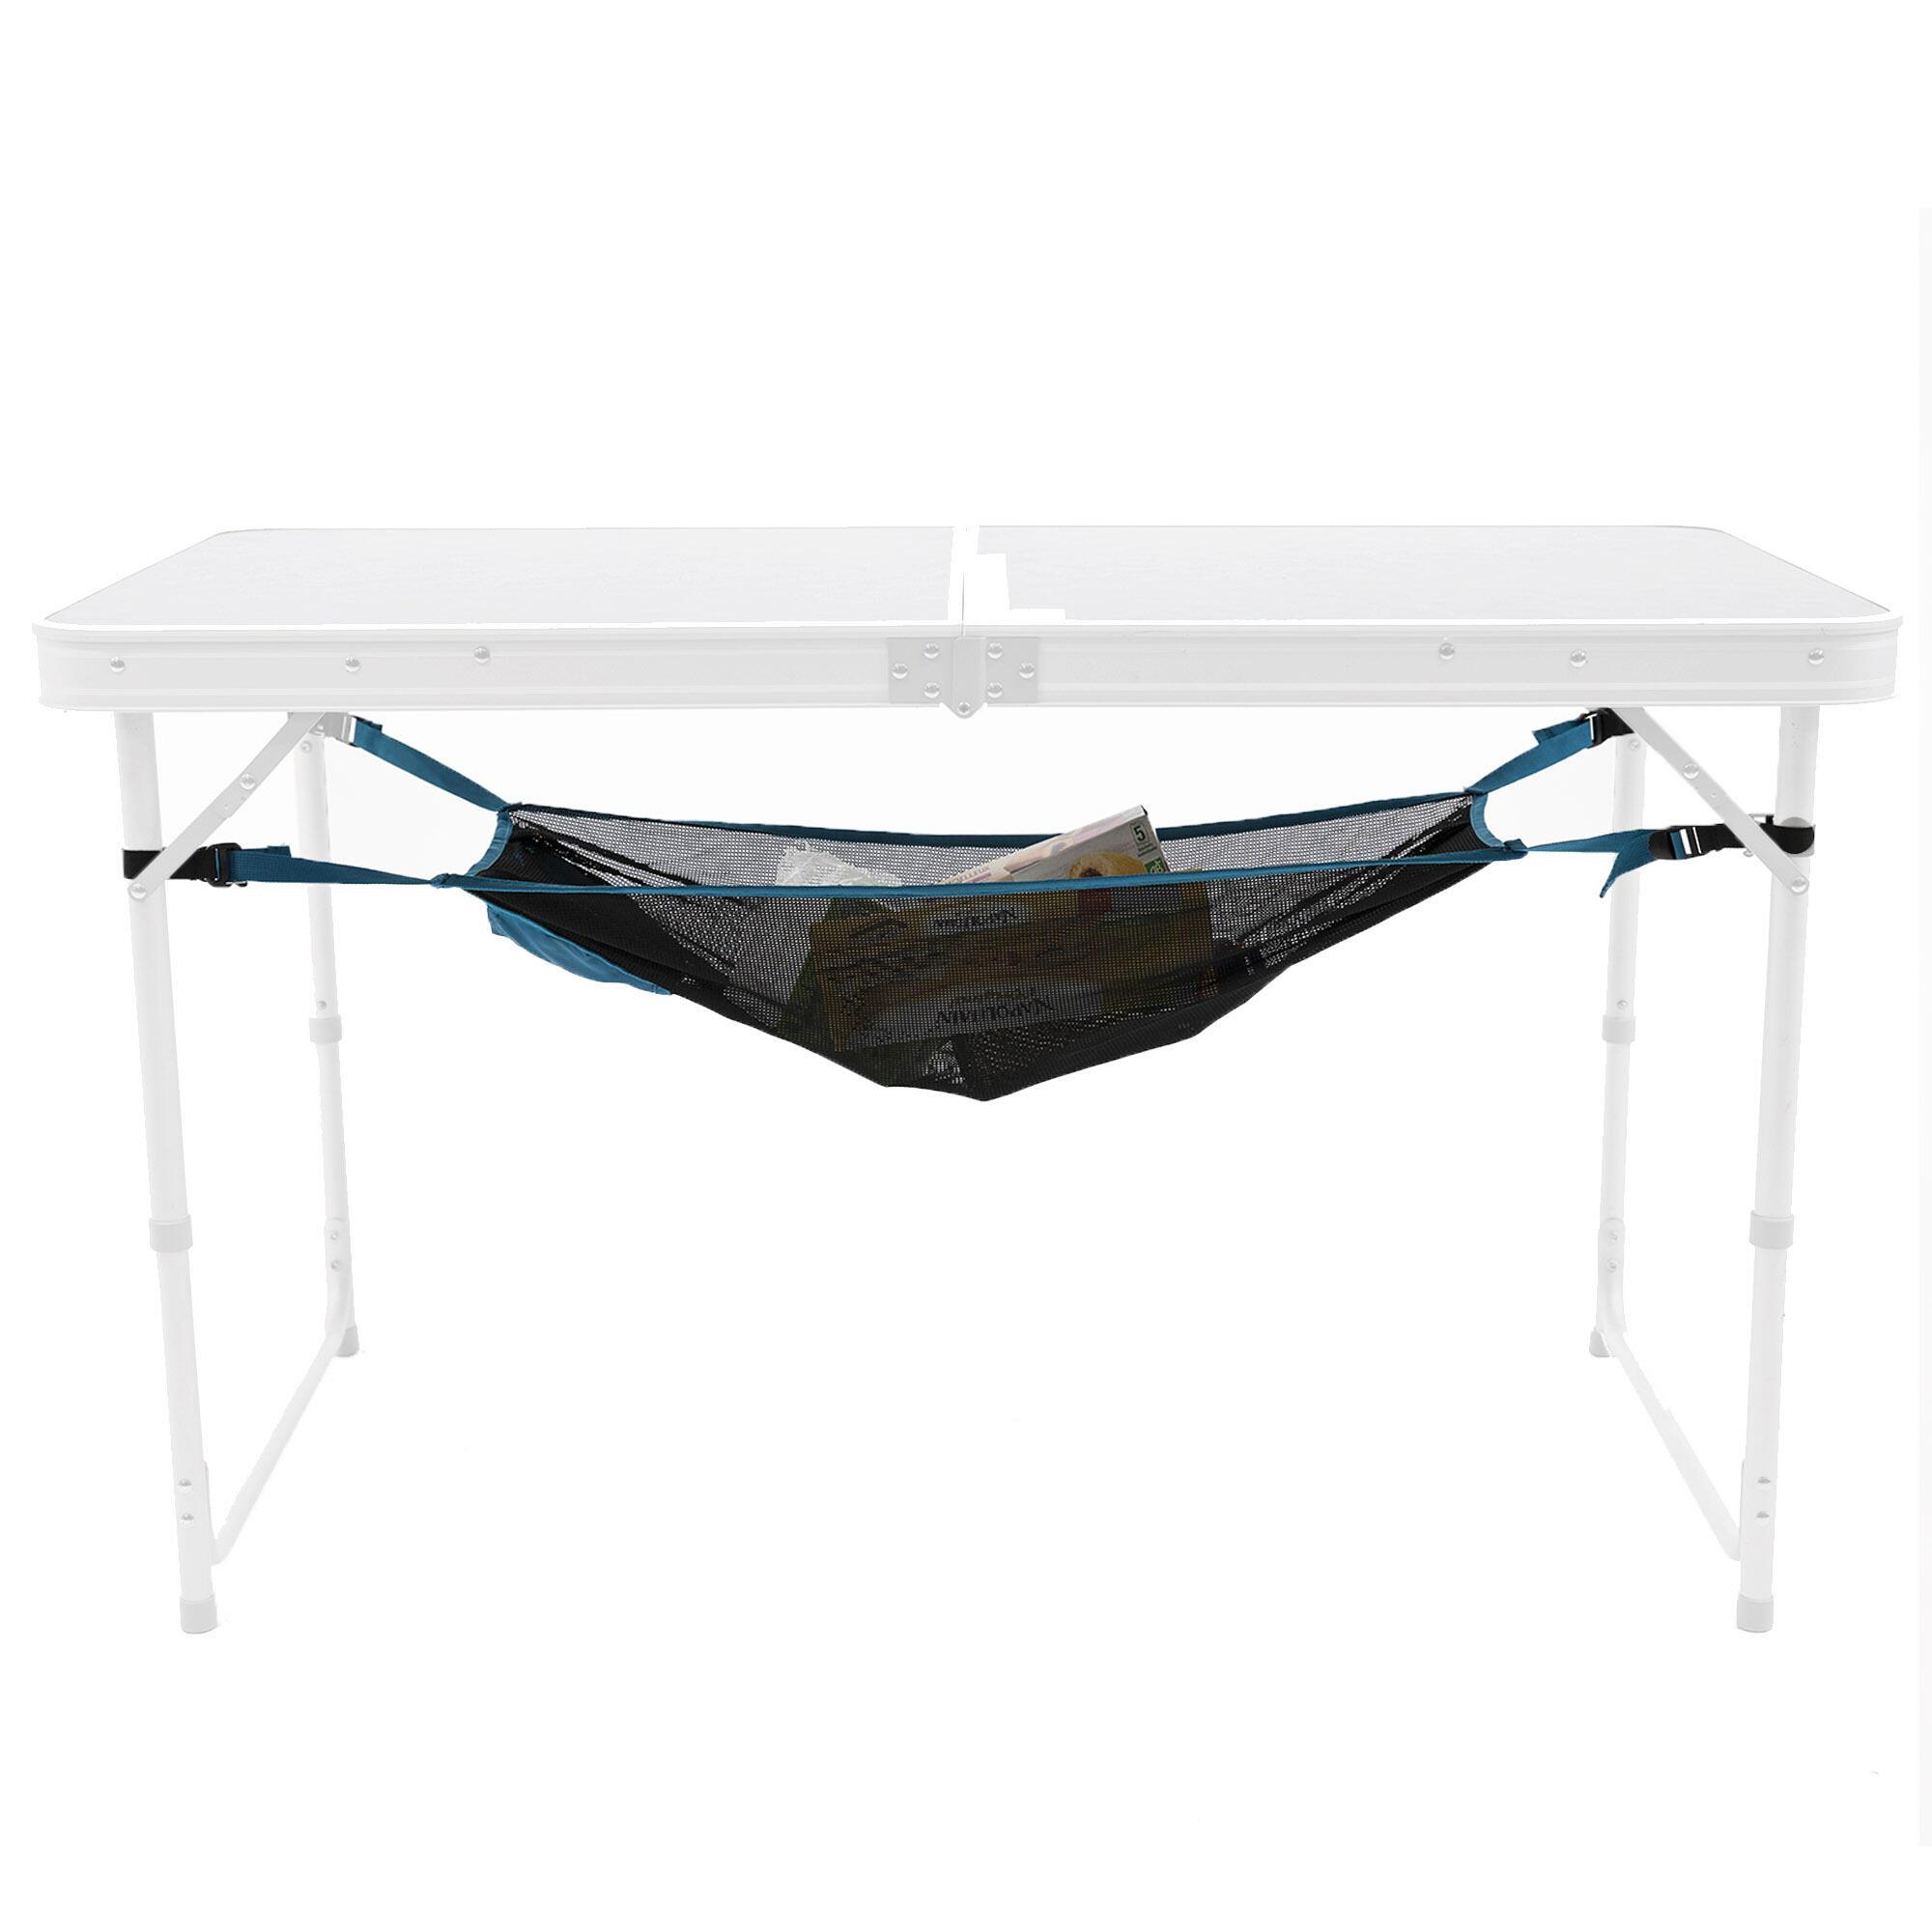 Meuble De Cuisine Decathlon tables et meubles | camping | decathlon